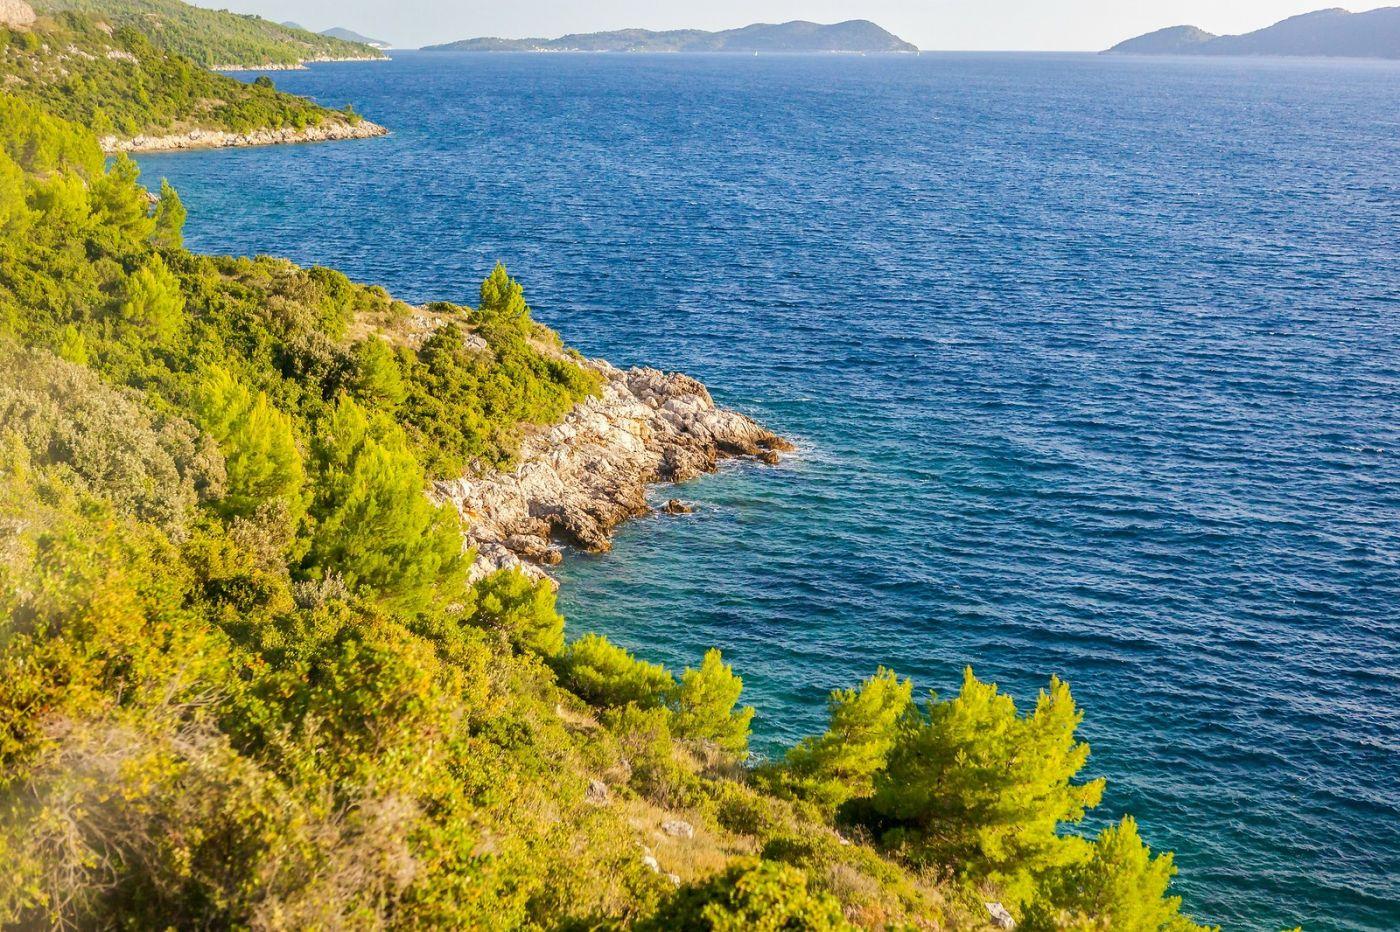 克罗地亚旅途,海岸线景色_图1-13